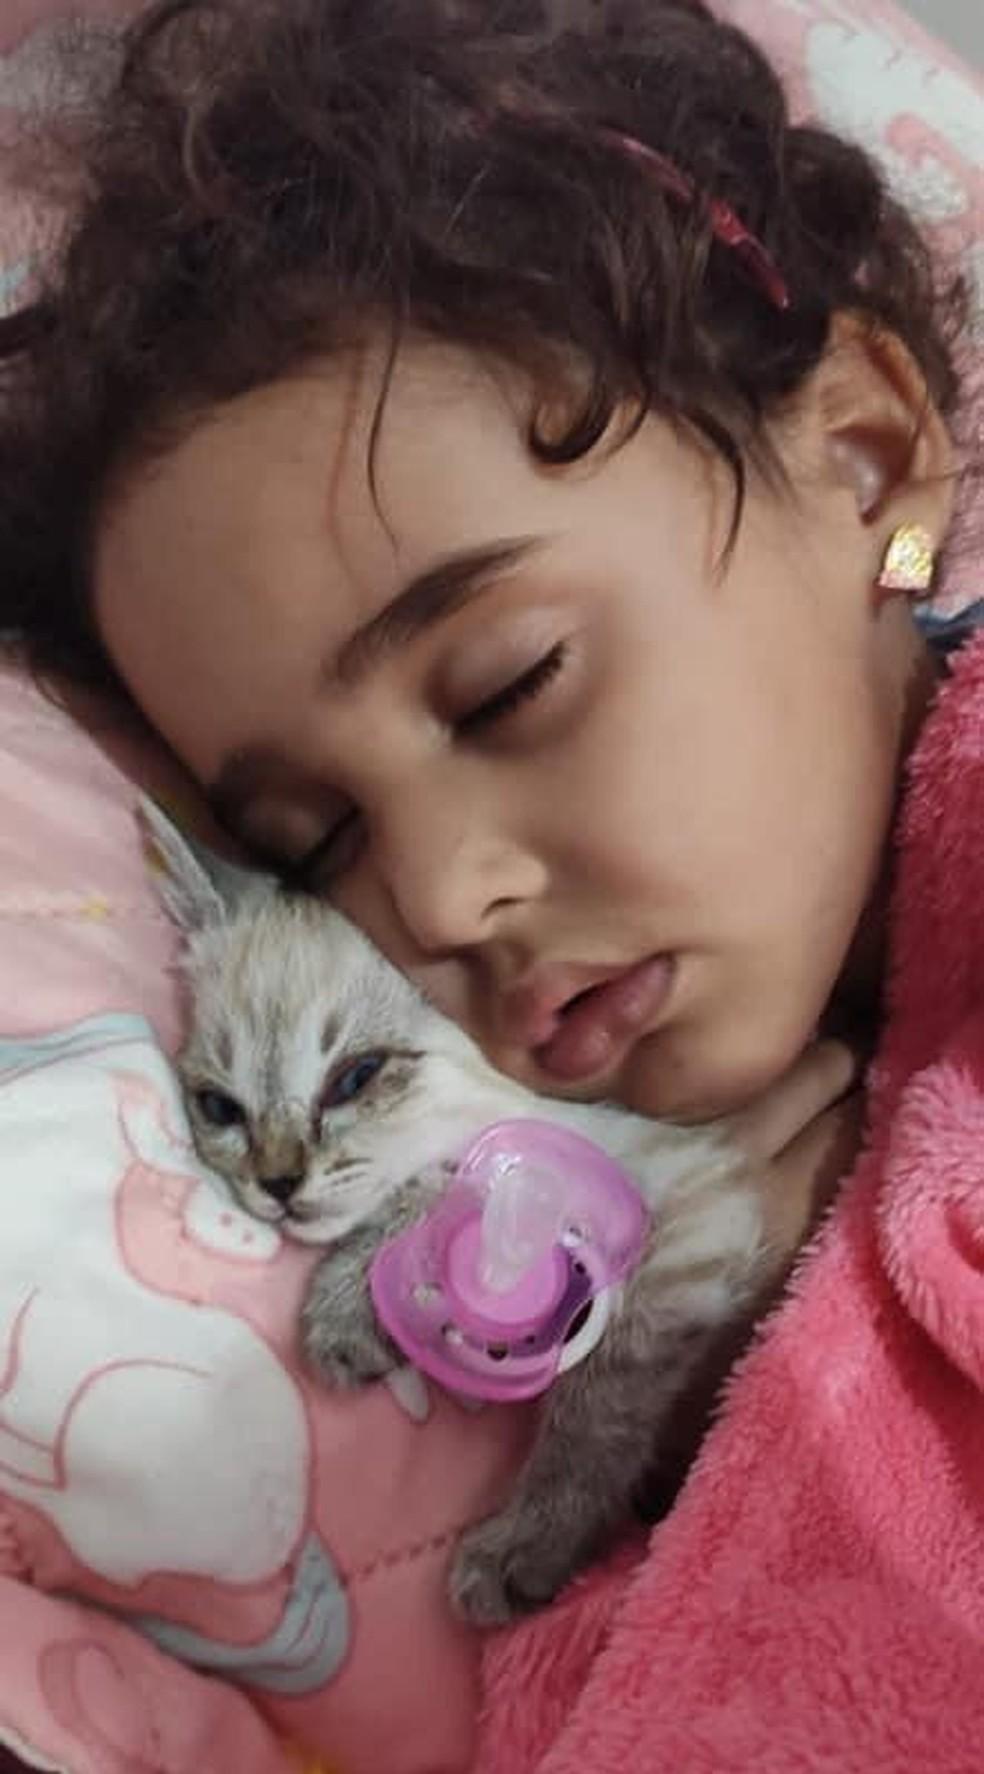 Segundo a mãe, Lorena chorava e não conseguia dormir direito sem a gatinha em Botucatu — Foto: Arquivo pessoal/Eduarda Oliveira